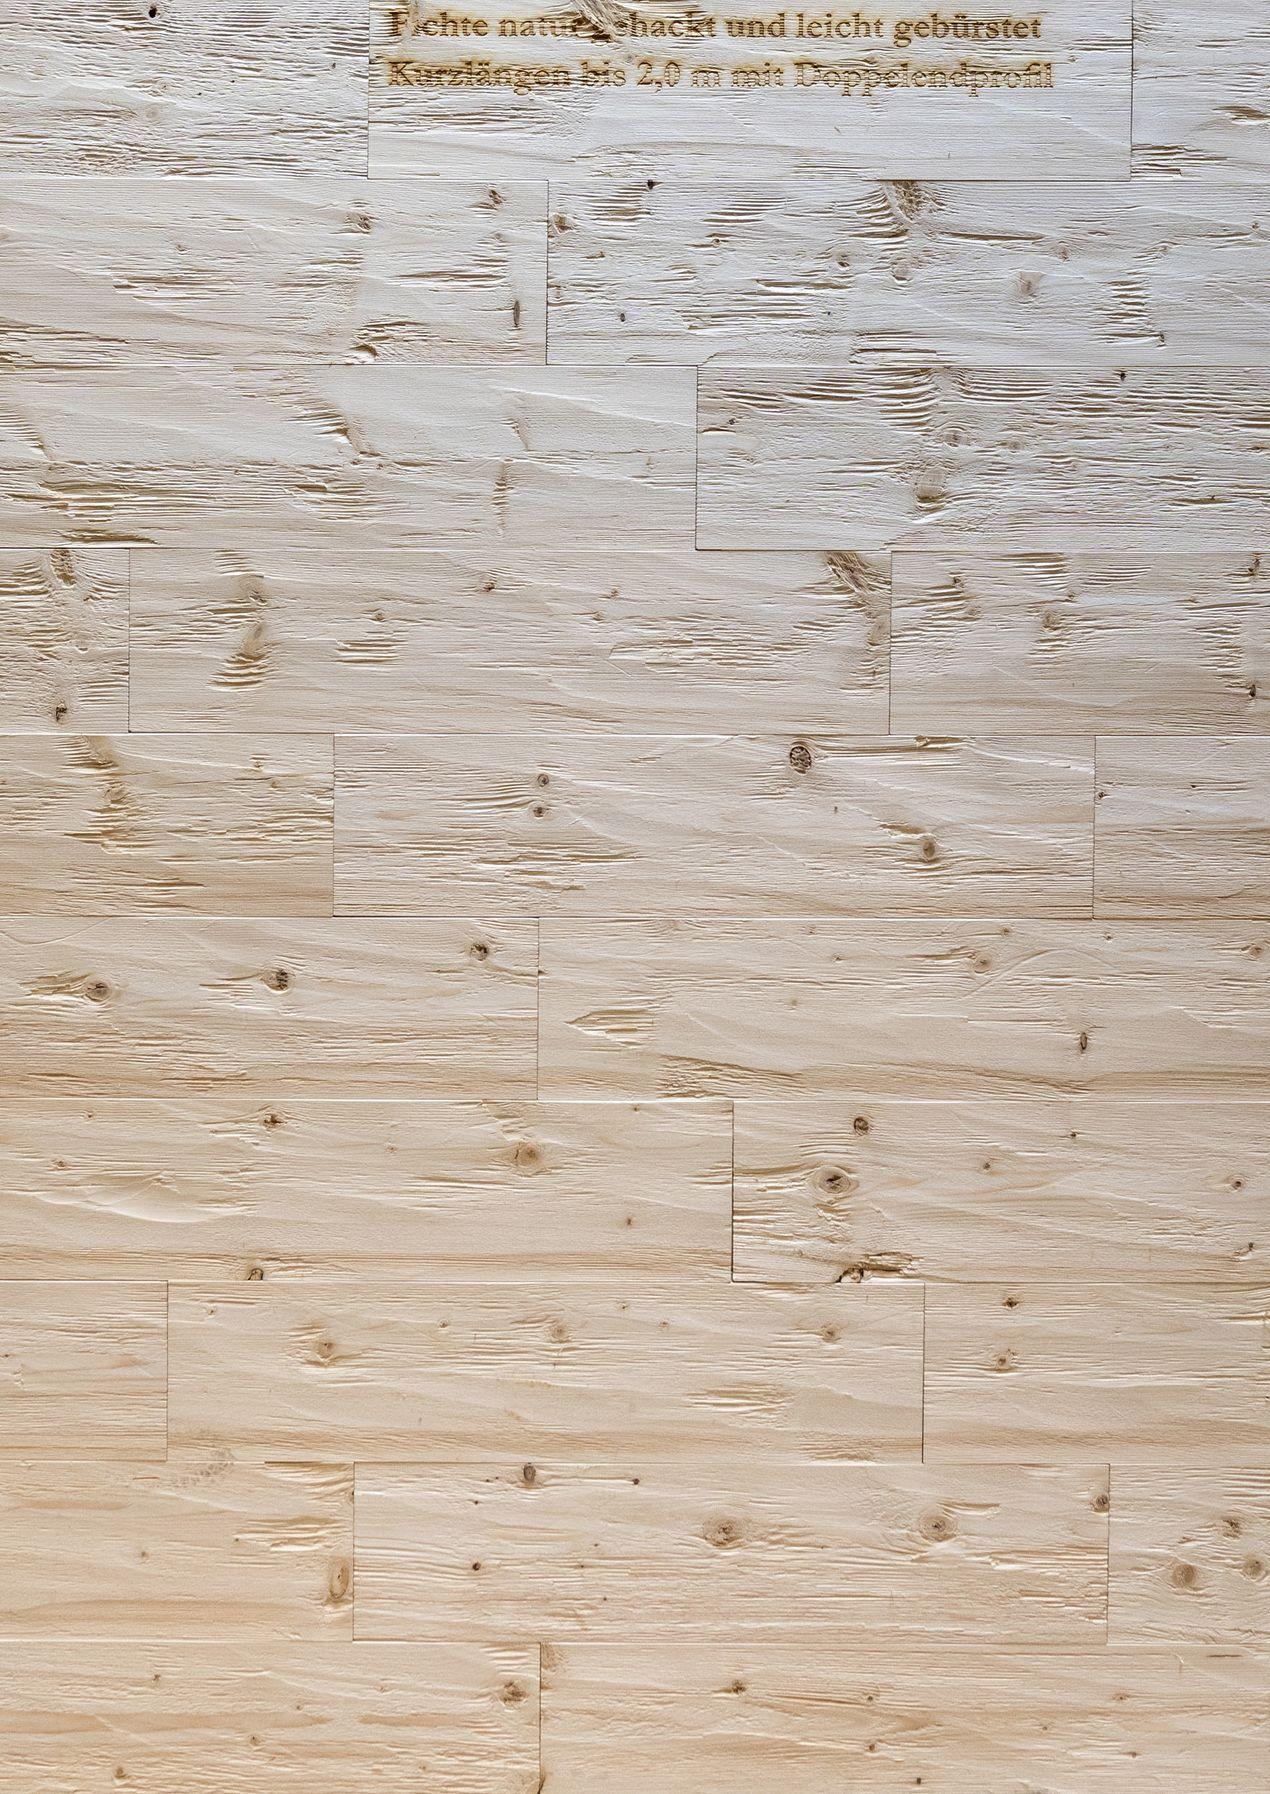 Rustikale Wandverkleidung Fichte Gehackt Geburstet Vintage Holz In 2020 Wandverkleidung Altholz Wandverkleidung Vintage Holz